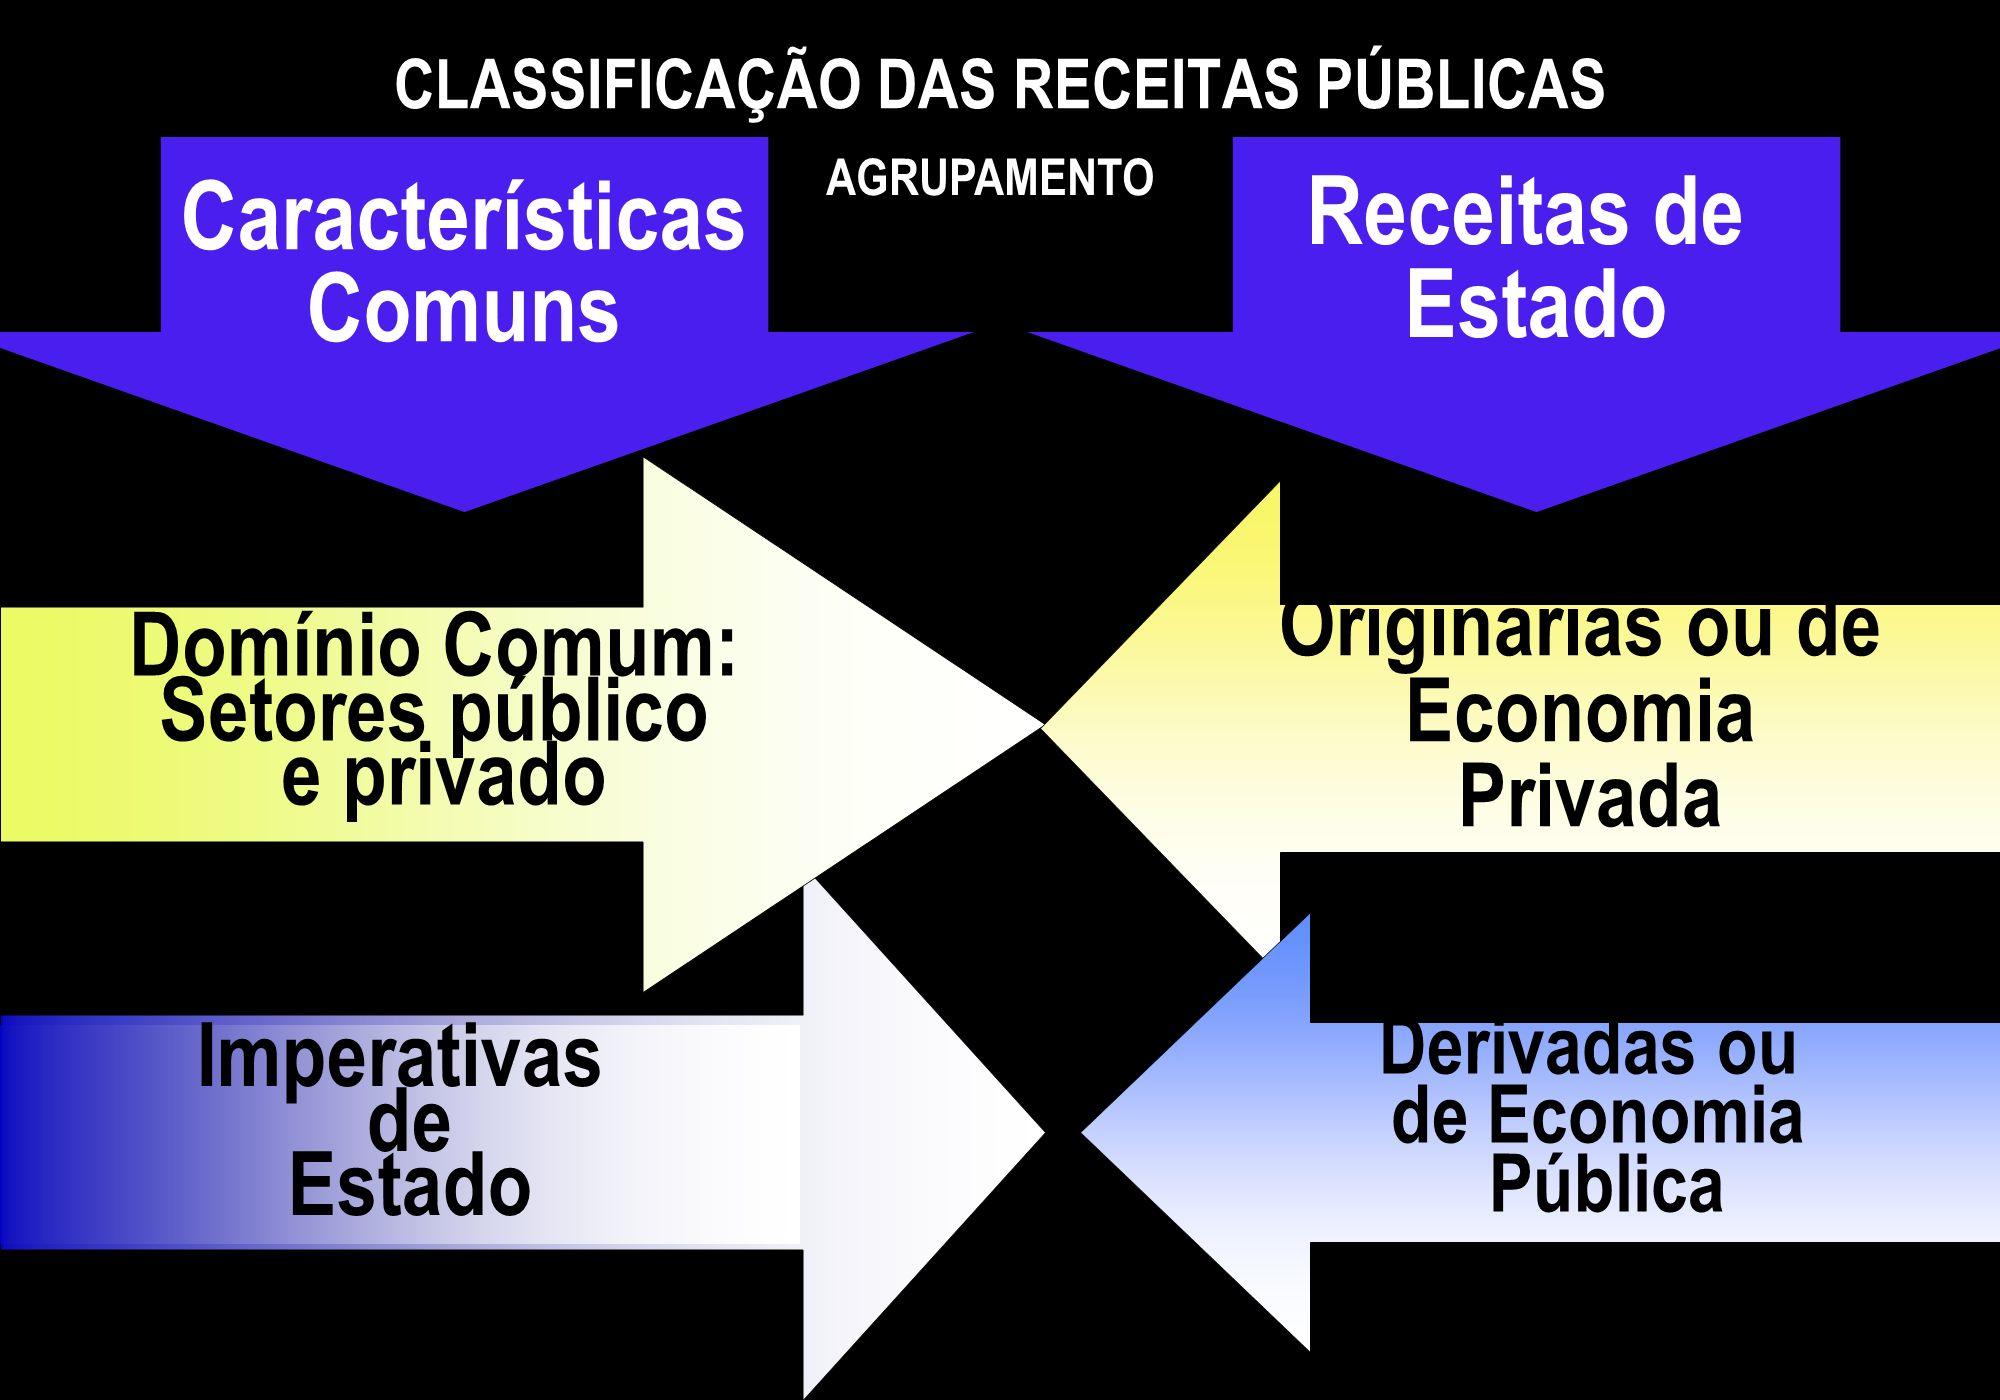 Imperativas de Estado Domínio Comum: Setores público e privado CLASSIFICAÇÃO DAS RECEITAS PÚBLICAS AGRUPAMENTO Características Comuns Receitas de Esta